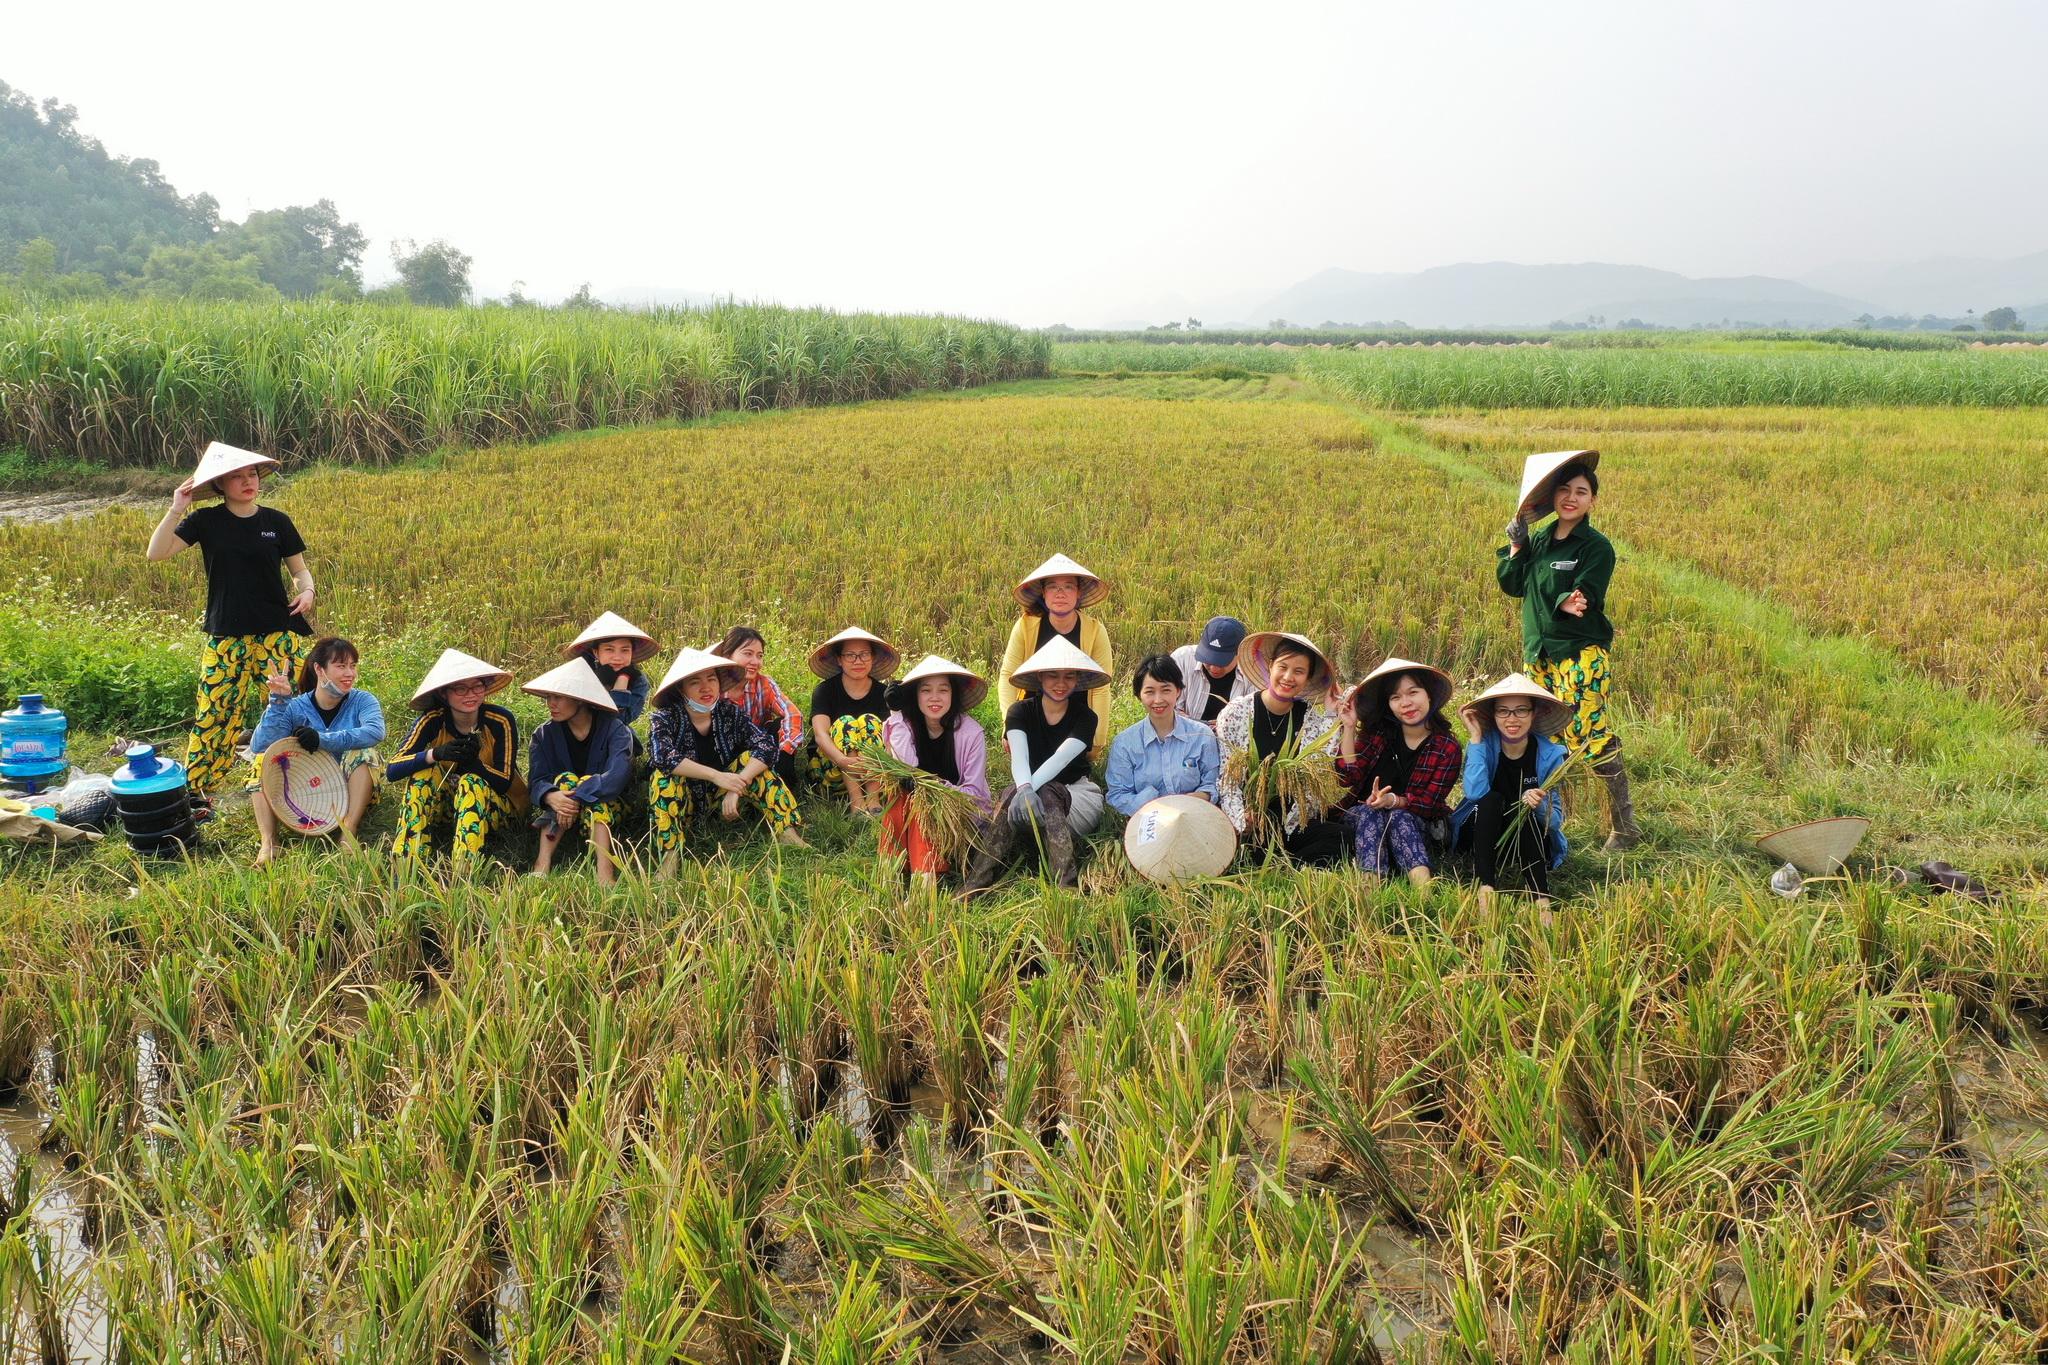 Cùng kỳ năm ngoái, FUNiX có hoạt động mừng sinh nhật tuổi thứ 3 tại Quảng Ninh với nhiều hoạt động teambuilding thú vị.